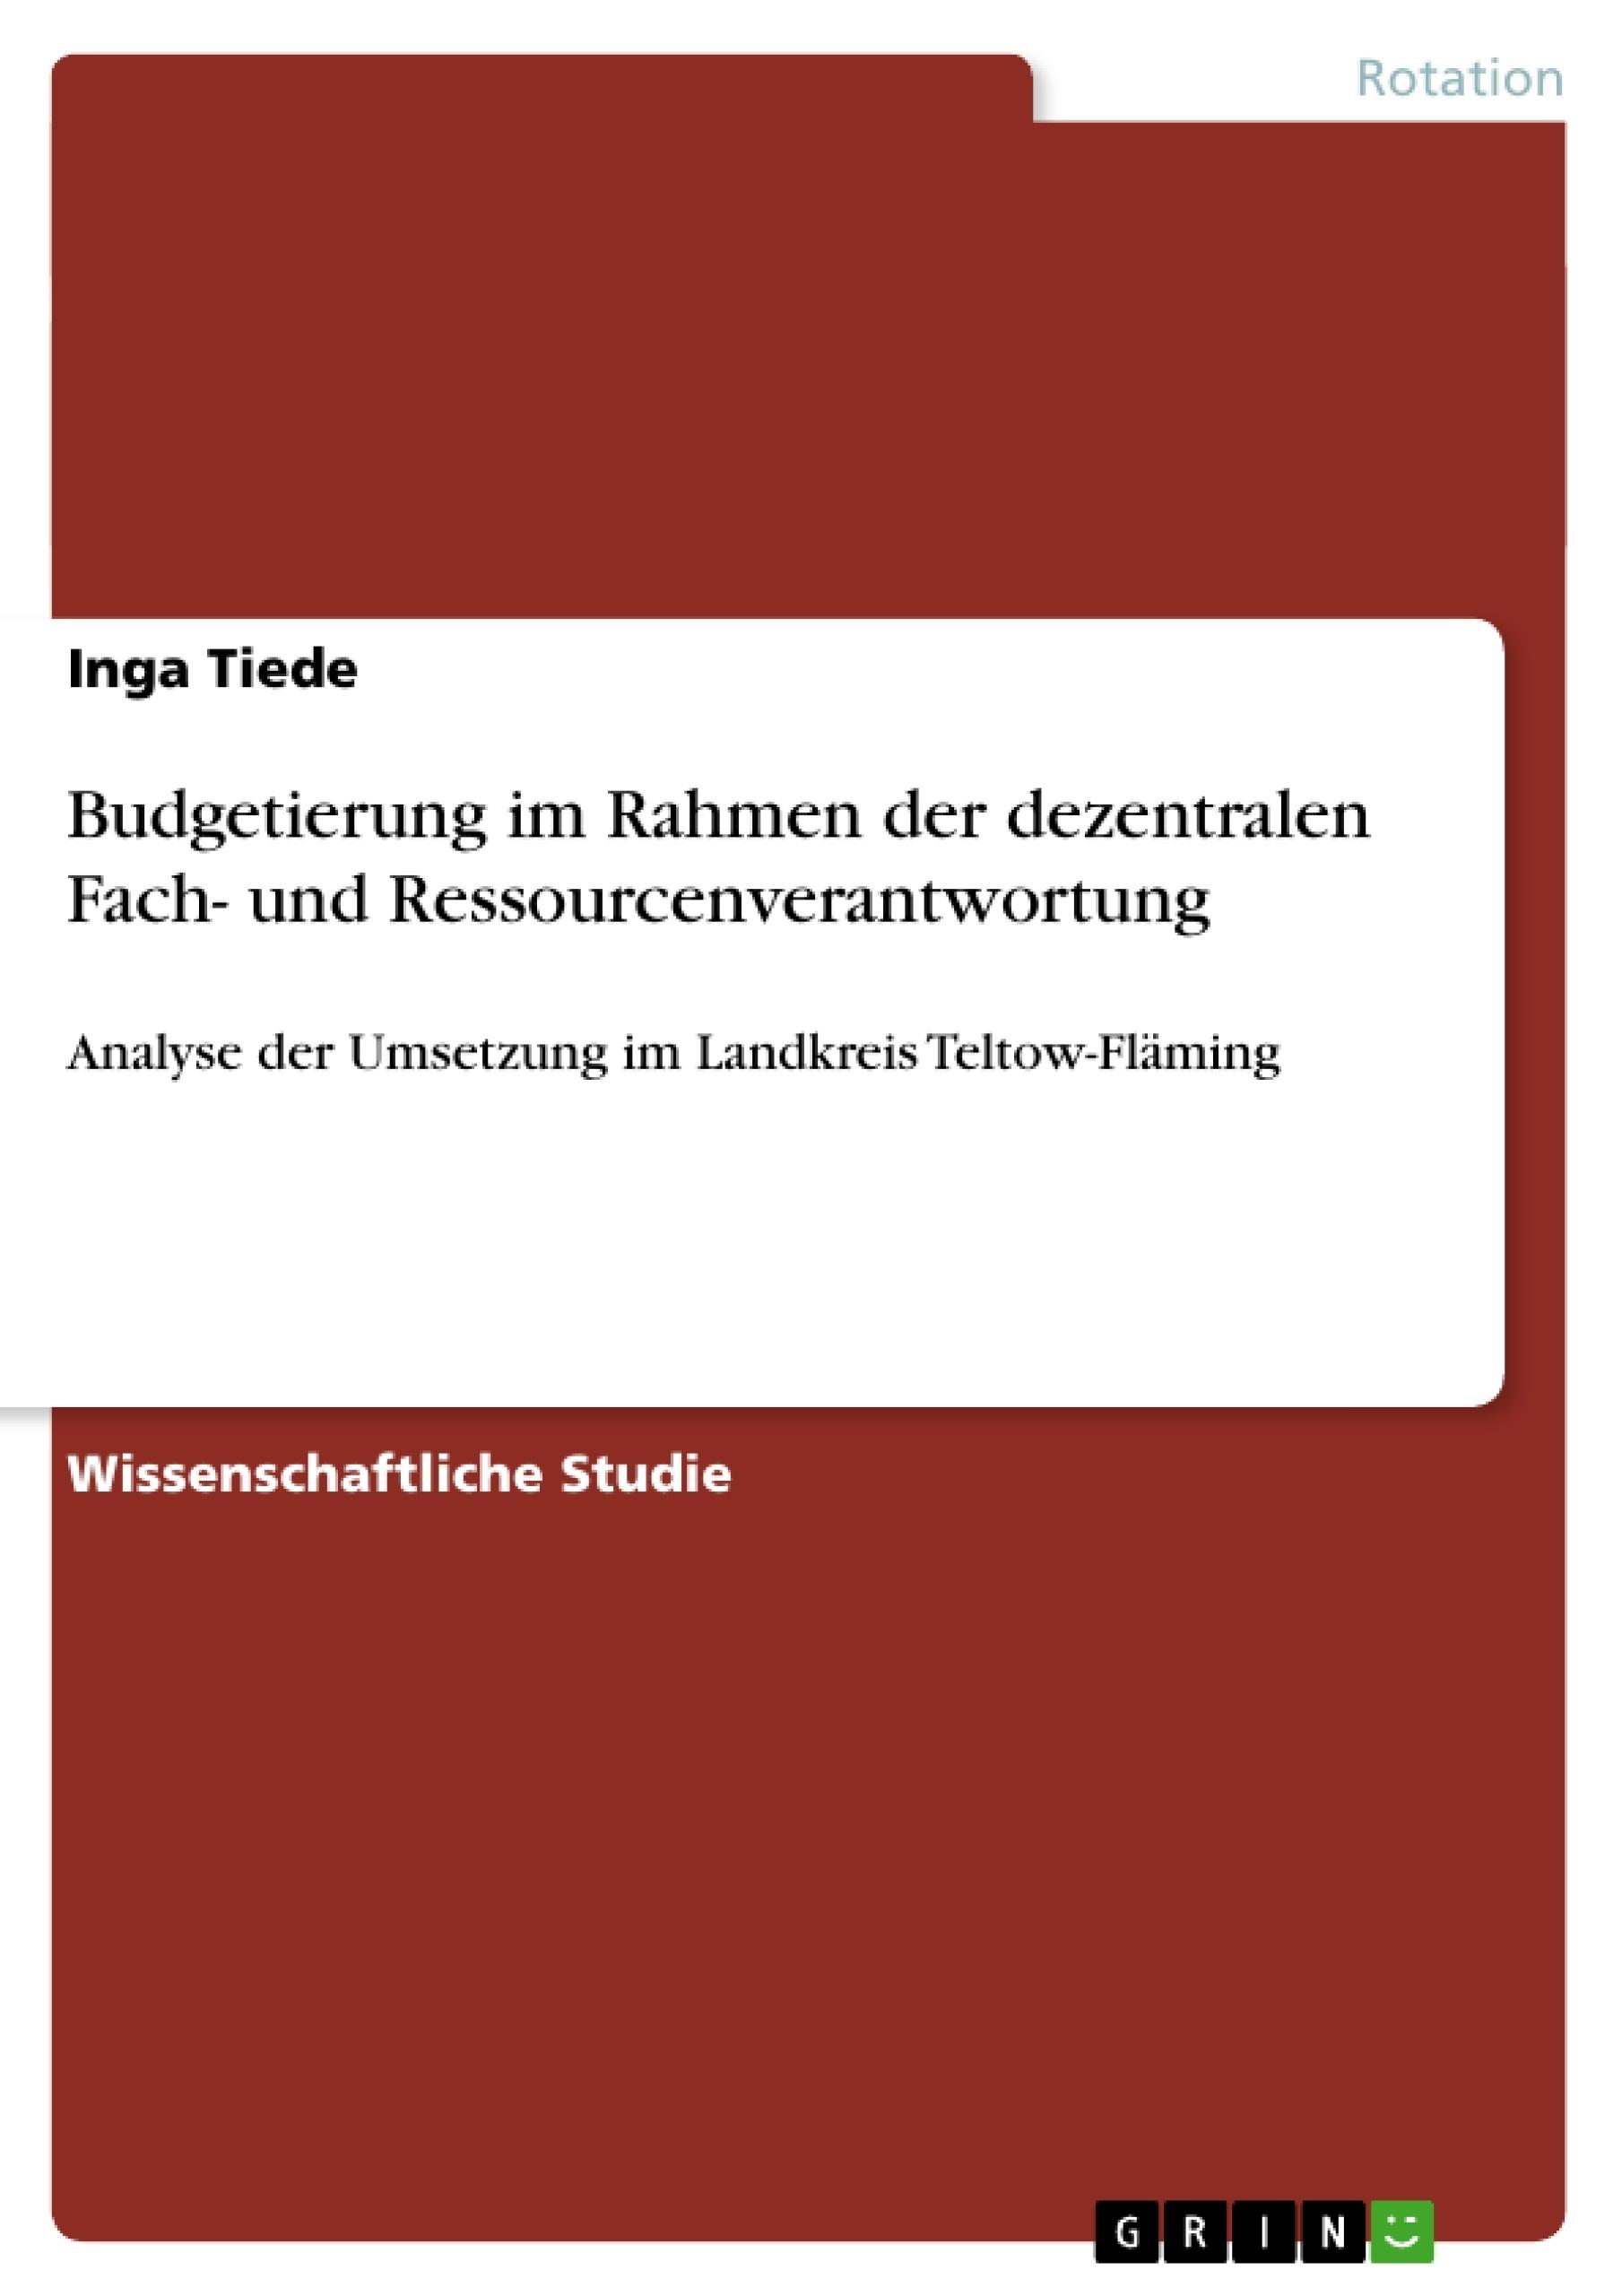 Titel: Budgetierung im Rahmen der dezentralen Fach- und Ressourcenverantwortung